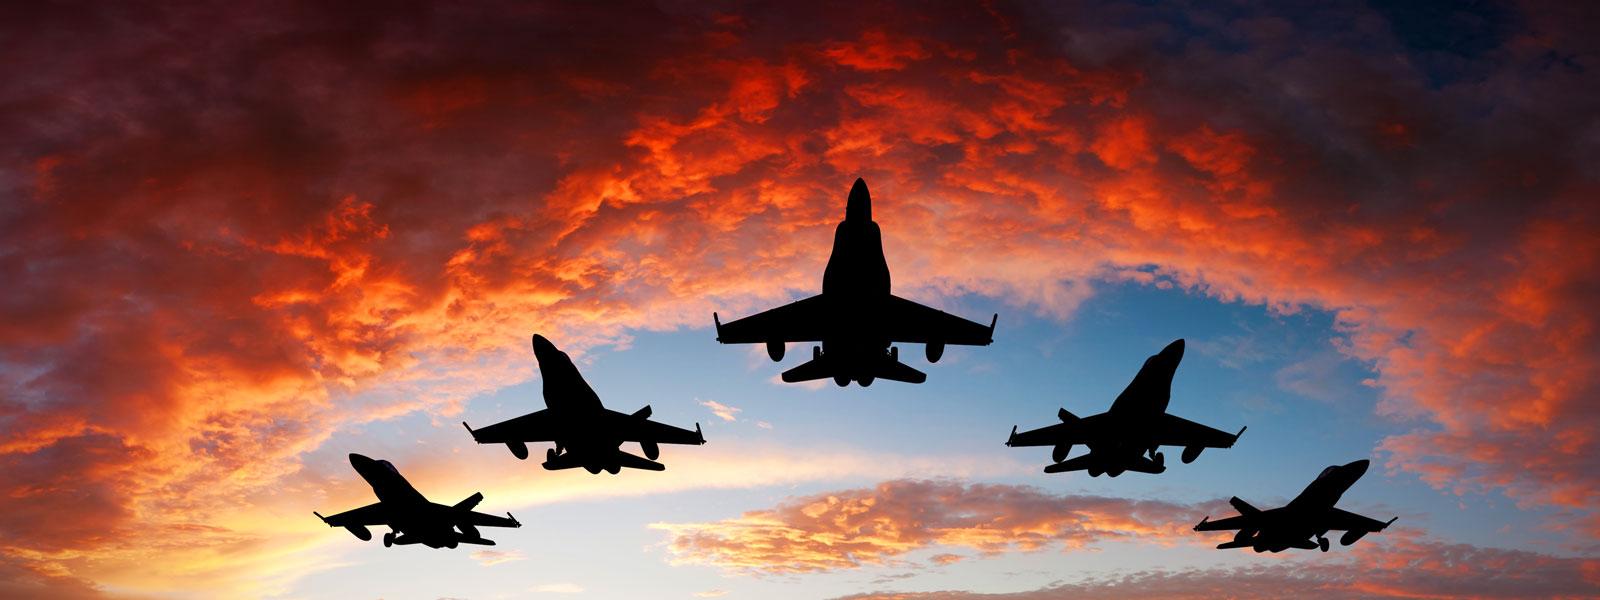 Fighter jet hangar